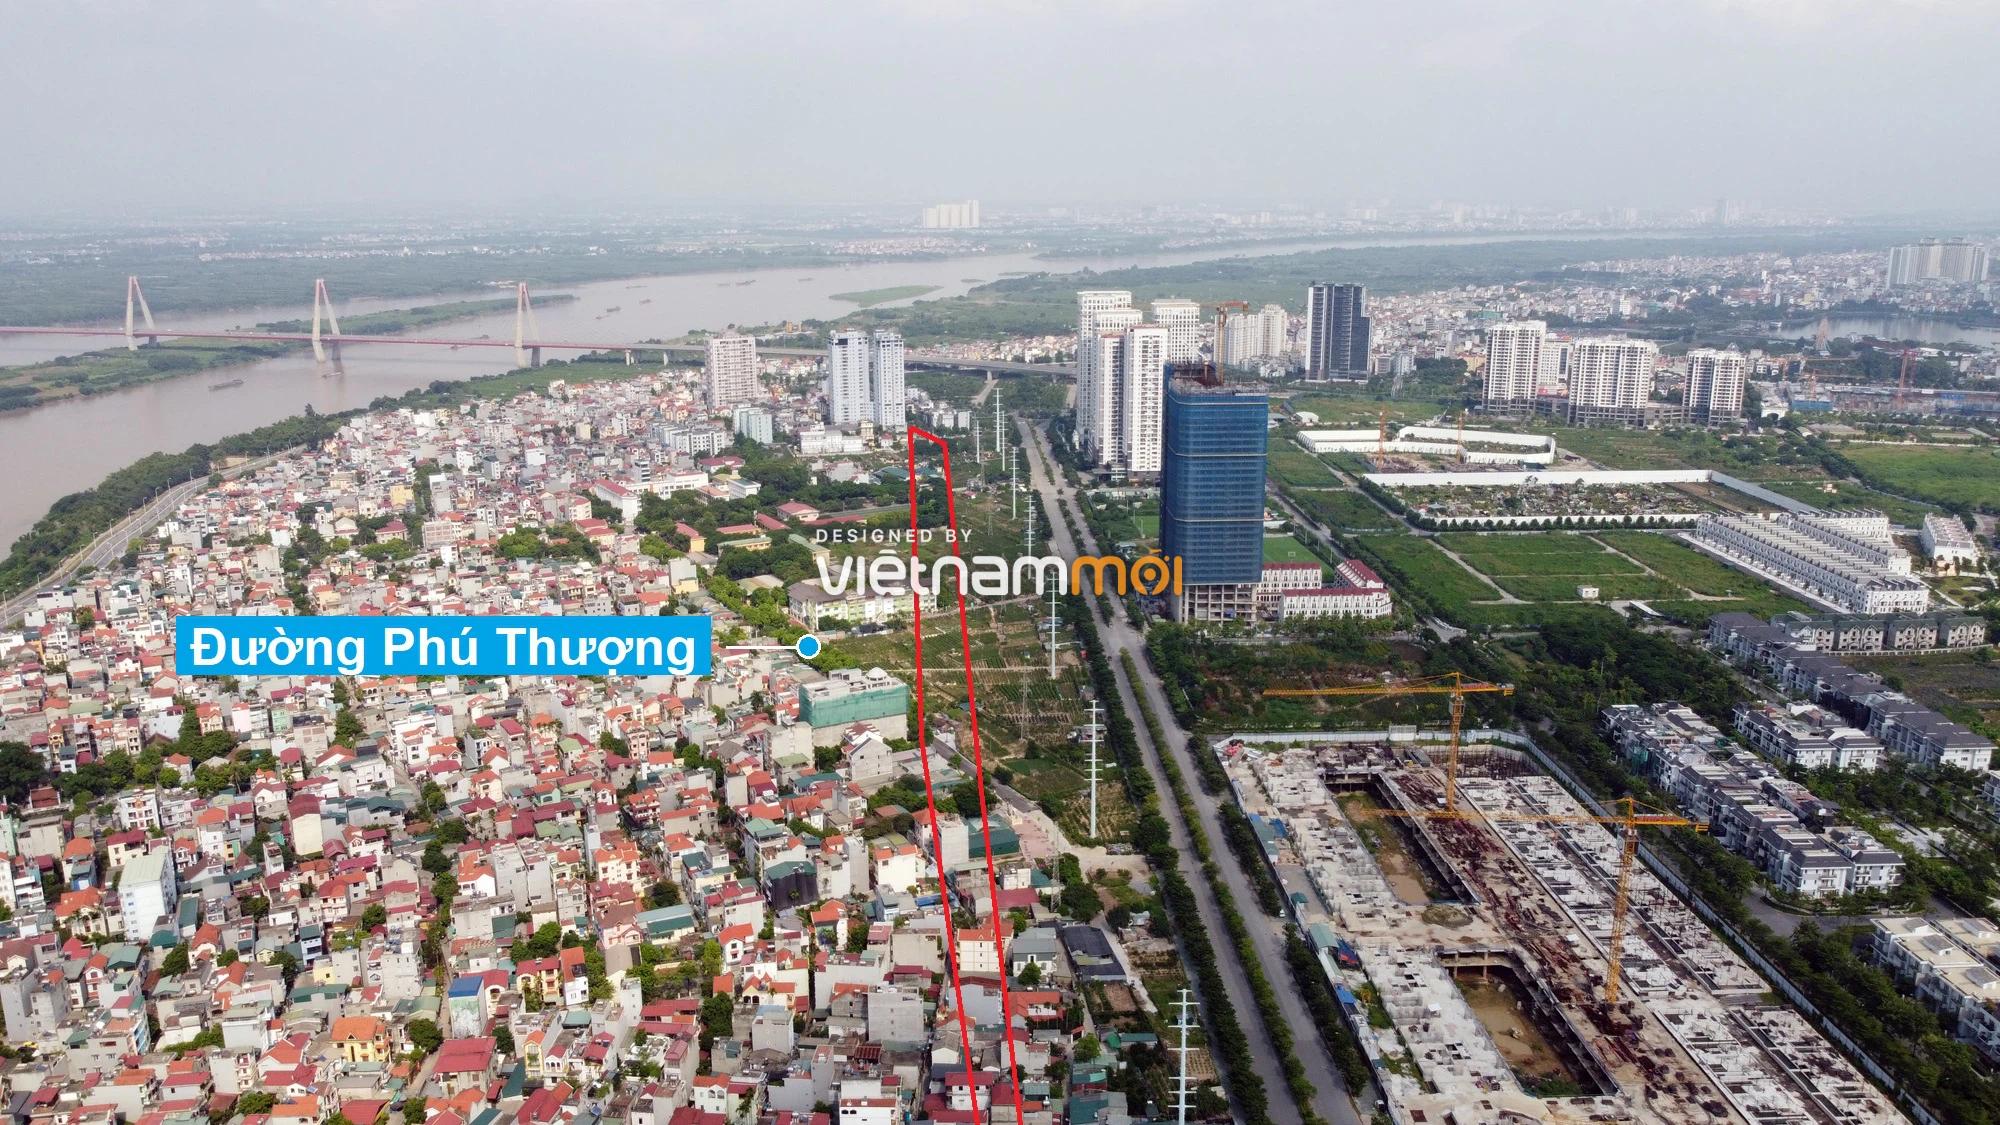 Những khu đất sắp thu hồi để mở đường ở quận Tây Hồ, Hà Nội (phần 3) - Ảnh 10.